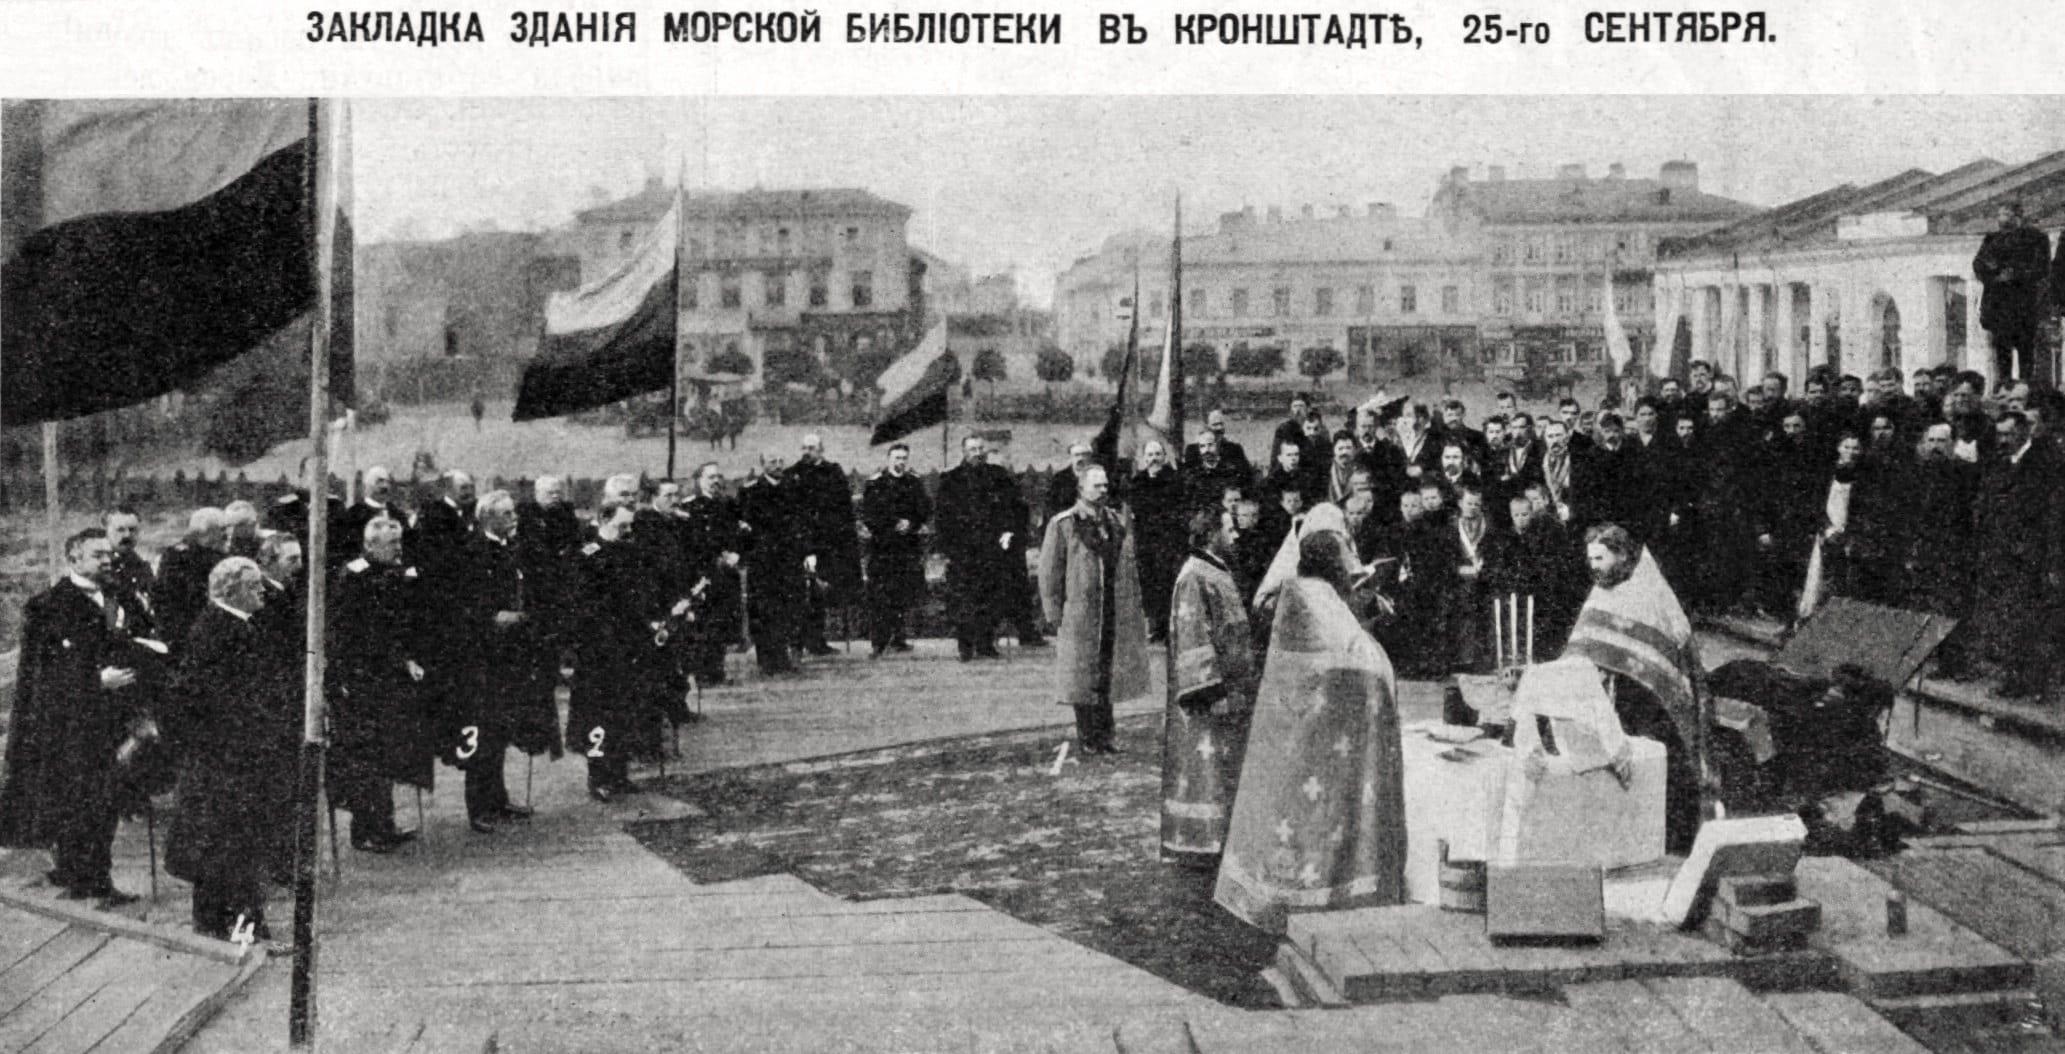 Закладка морской библиотеки, Кронштадт 25 сентября 1910 г